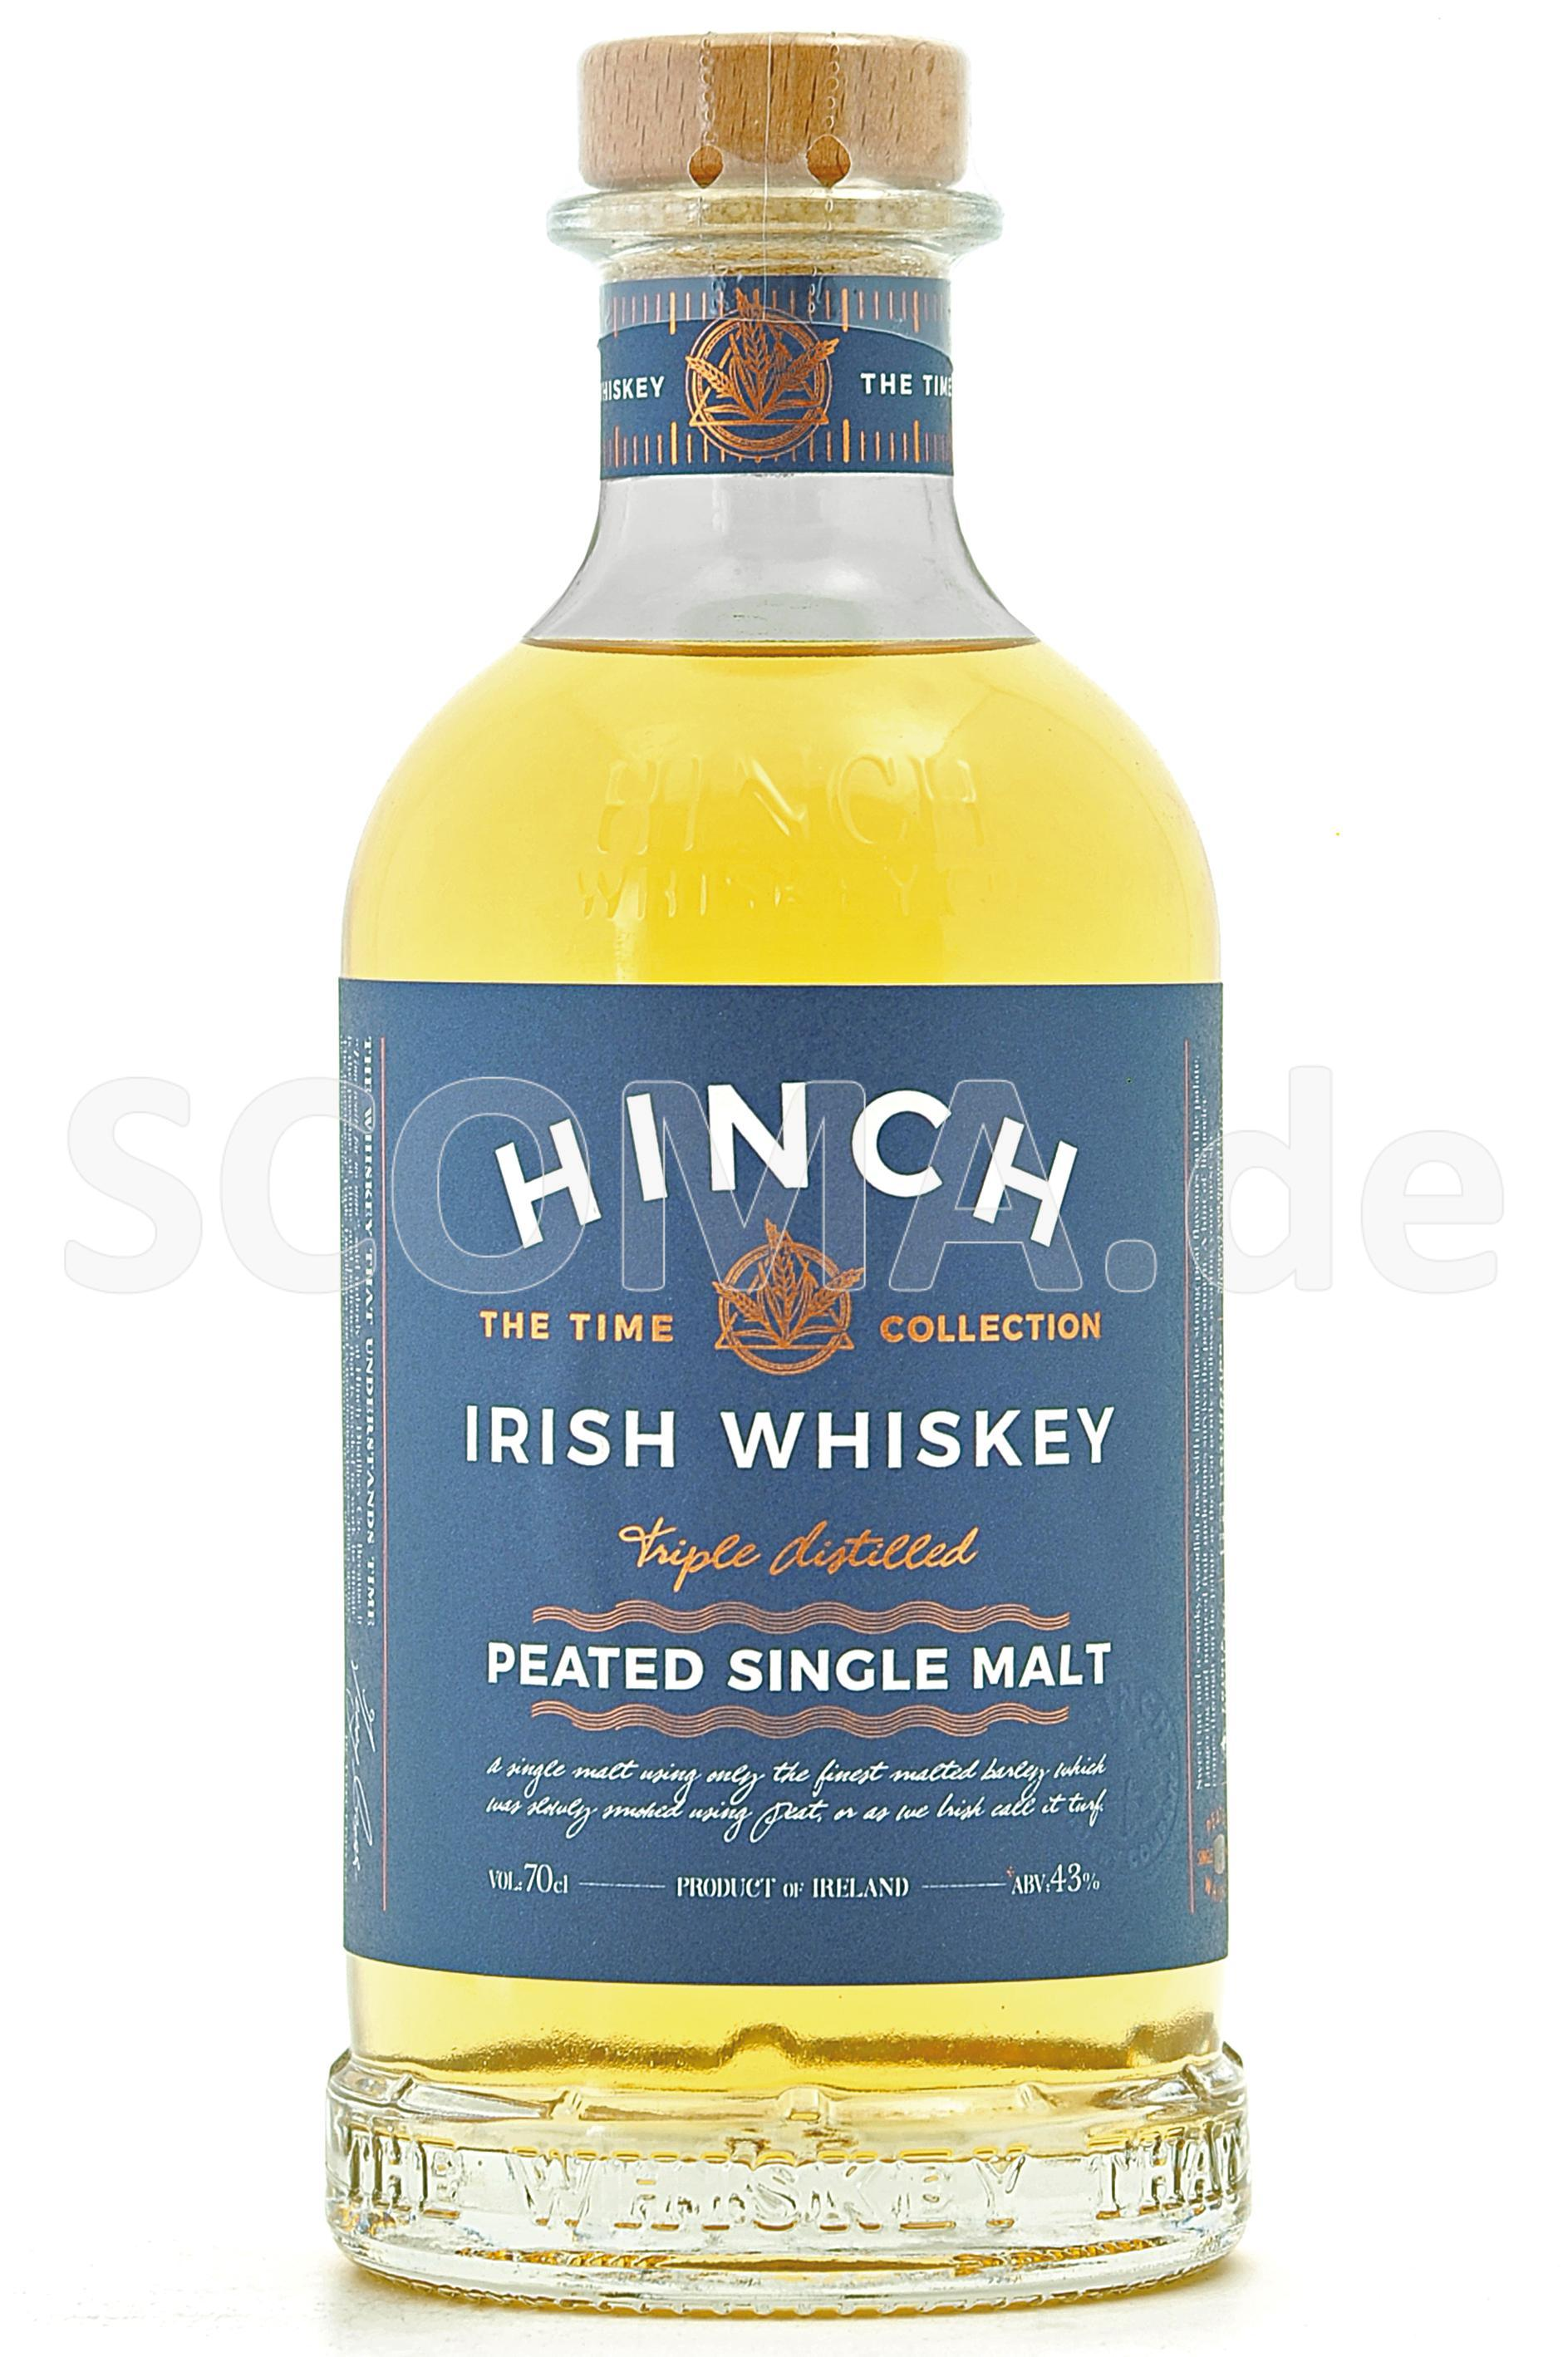 Hinch Peated Single Malt